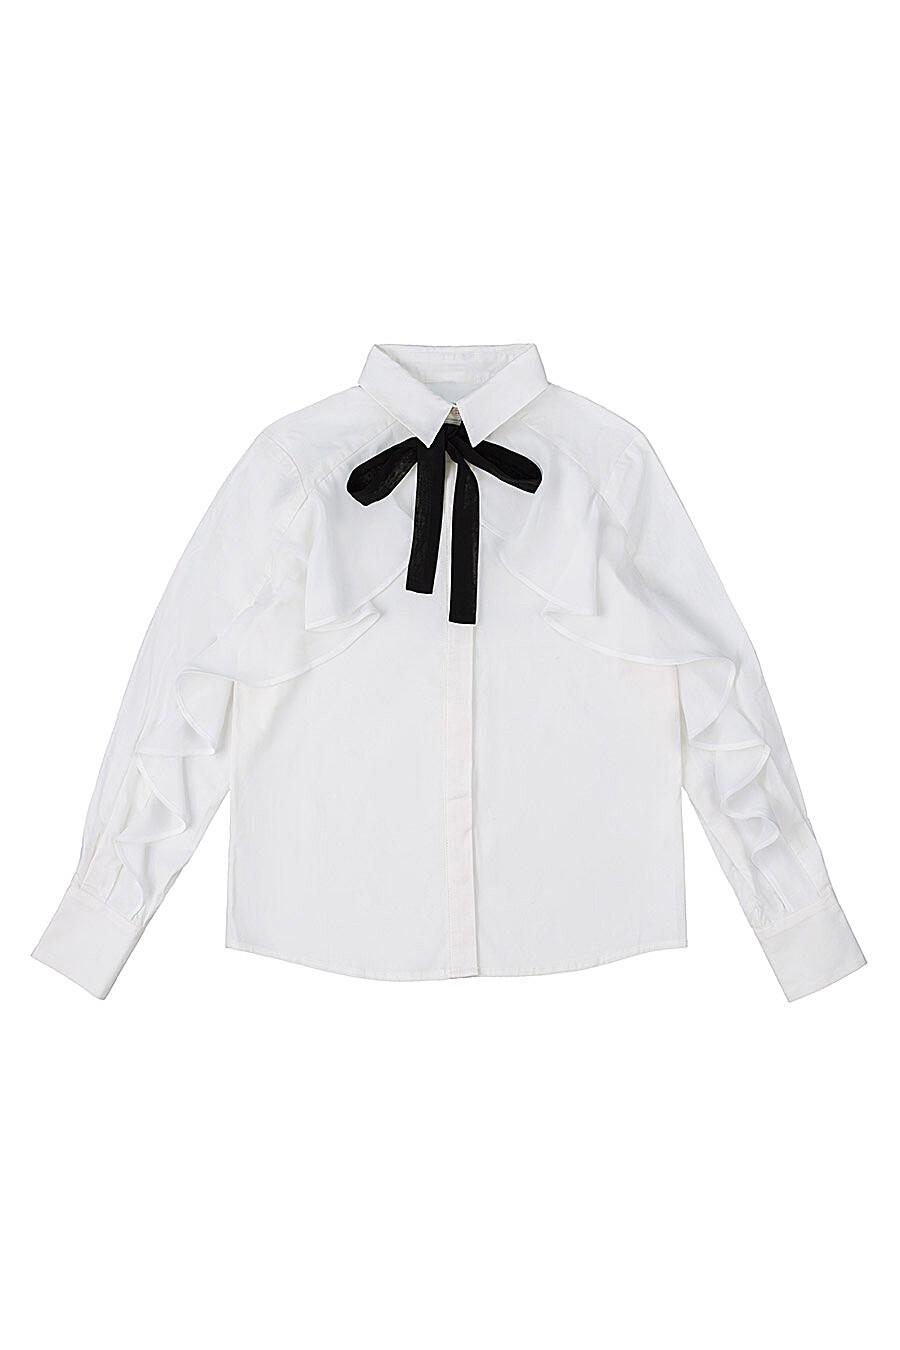 Блуза для девочек IN FUNT 218759 купить оптом от производителя. Совместная покупка детской одежды в OptMoyo